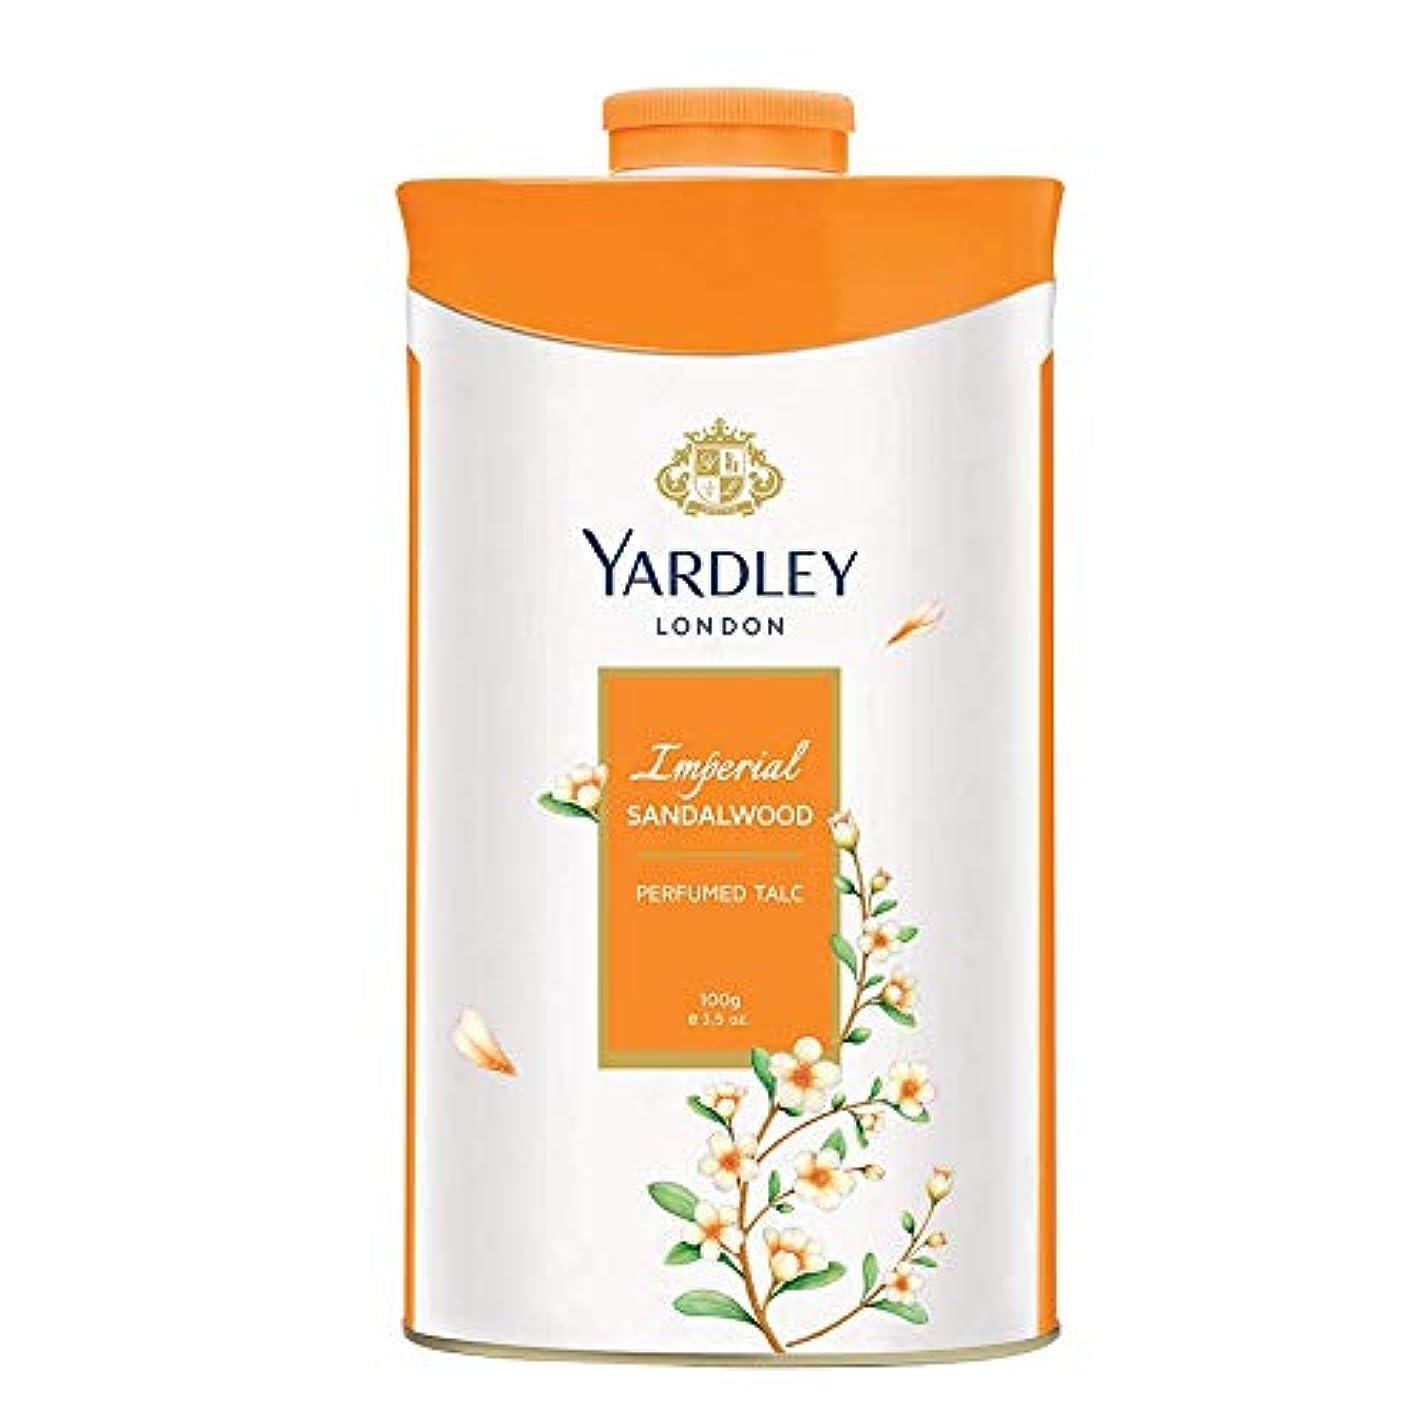 気配りのある瞑想する危険Yardley London Perfumed Talc Sandalwood 100gヤードレーロンドンパフュームタルクサンダルウッド100グラム